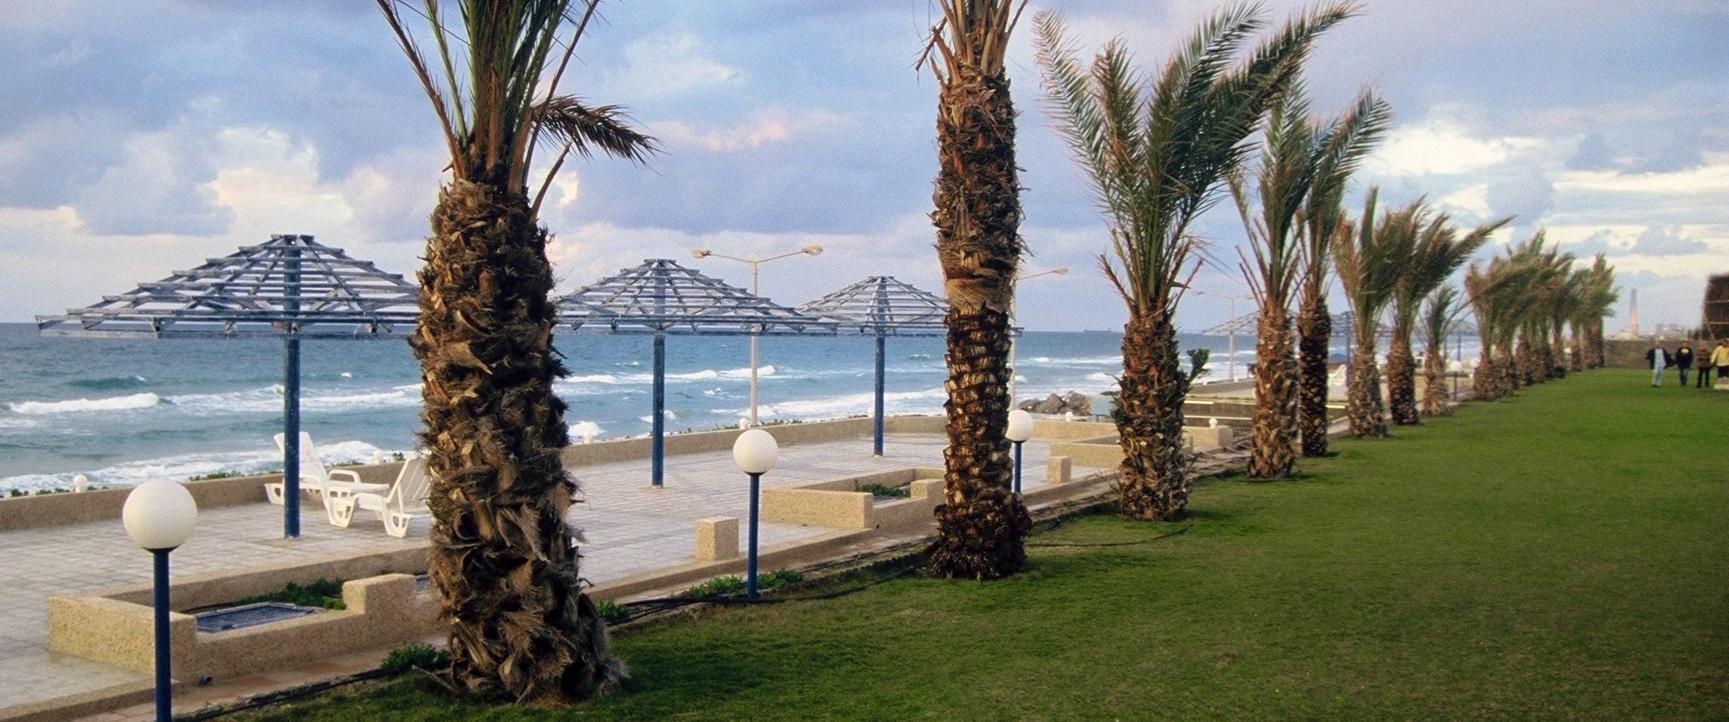 חוף עזה 2000 - gaza 2000- yoel sitruk - יואל שתרוג - אדמה יוצרת